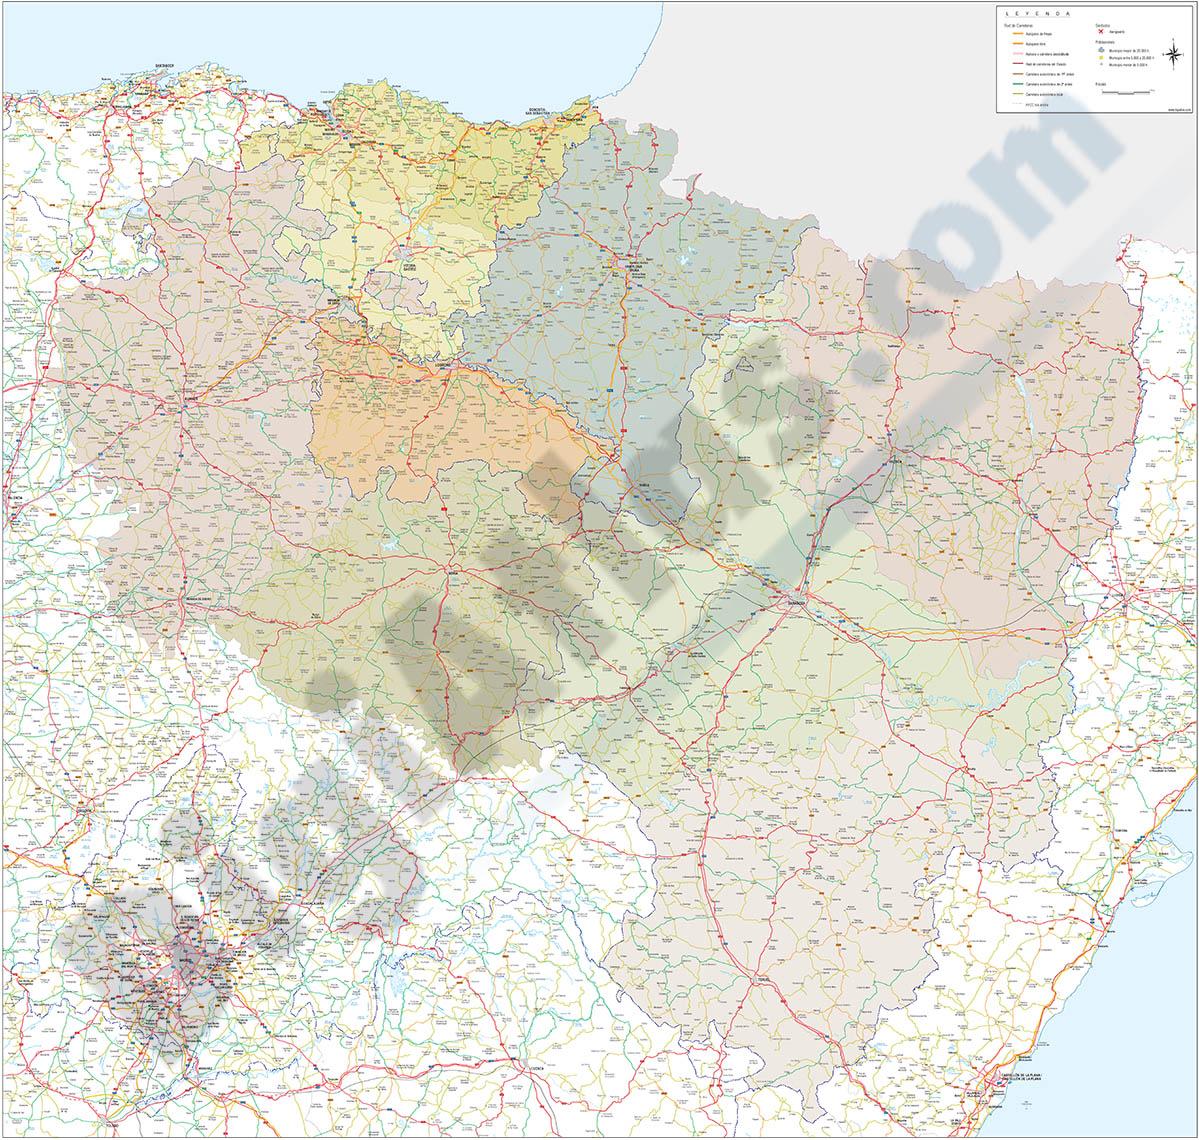 Mapa del Pais Vasco, Navarra, La Rioja, Burgos, Soria y Aragón